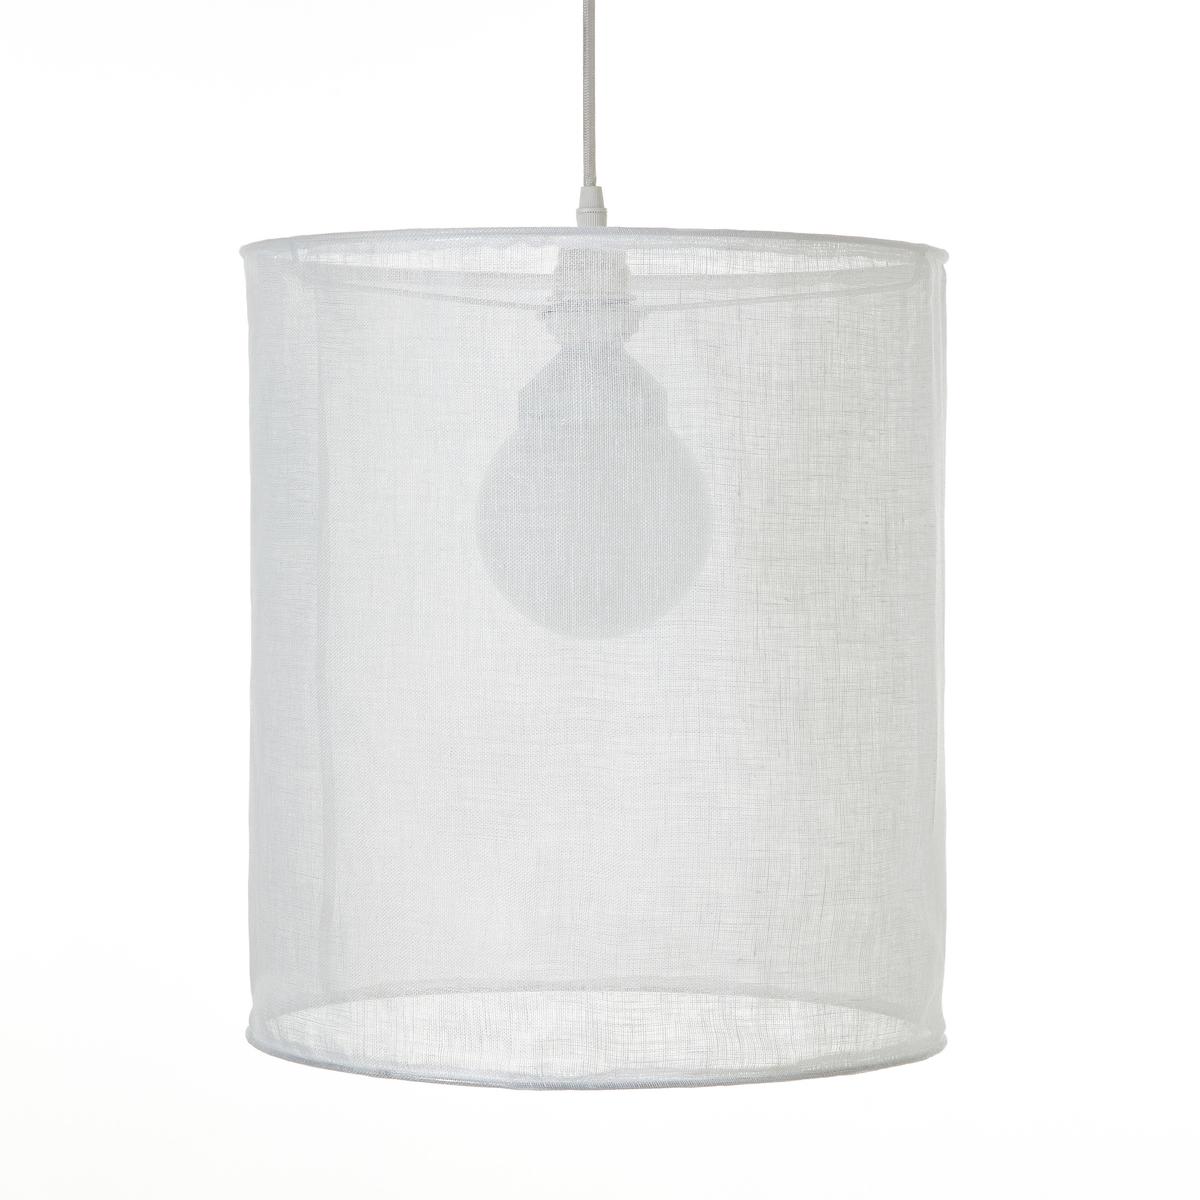 Светильник ?35 x 40 см, HolorimeСветильник Holorime. Светильник стильной цилиндрической формы из льняной  вуали для создания приглушенного света. Из 100% льняной вуали. Для  патрона E27. Совместим с электрическим кабелем Sevigni, продающимся на  нашем сайте . Размеры : ?35 x H40 см .<br><br>Цвет: белый,серо-бежевый